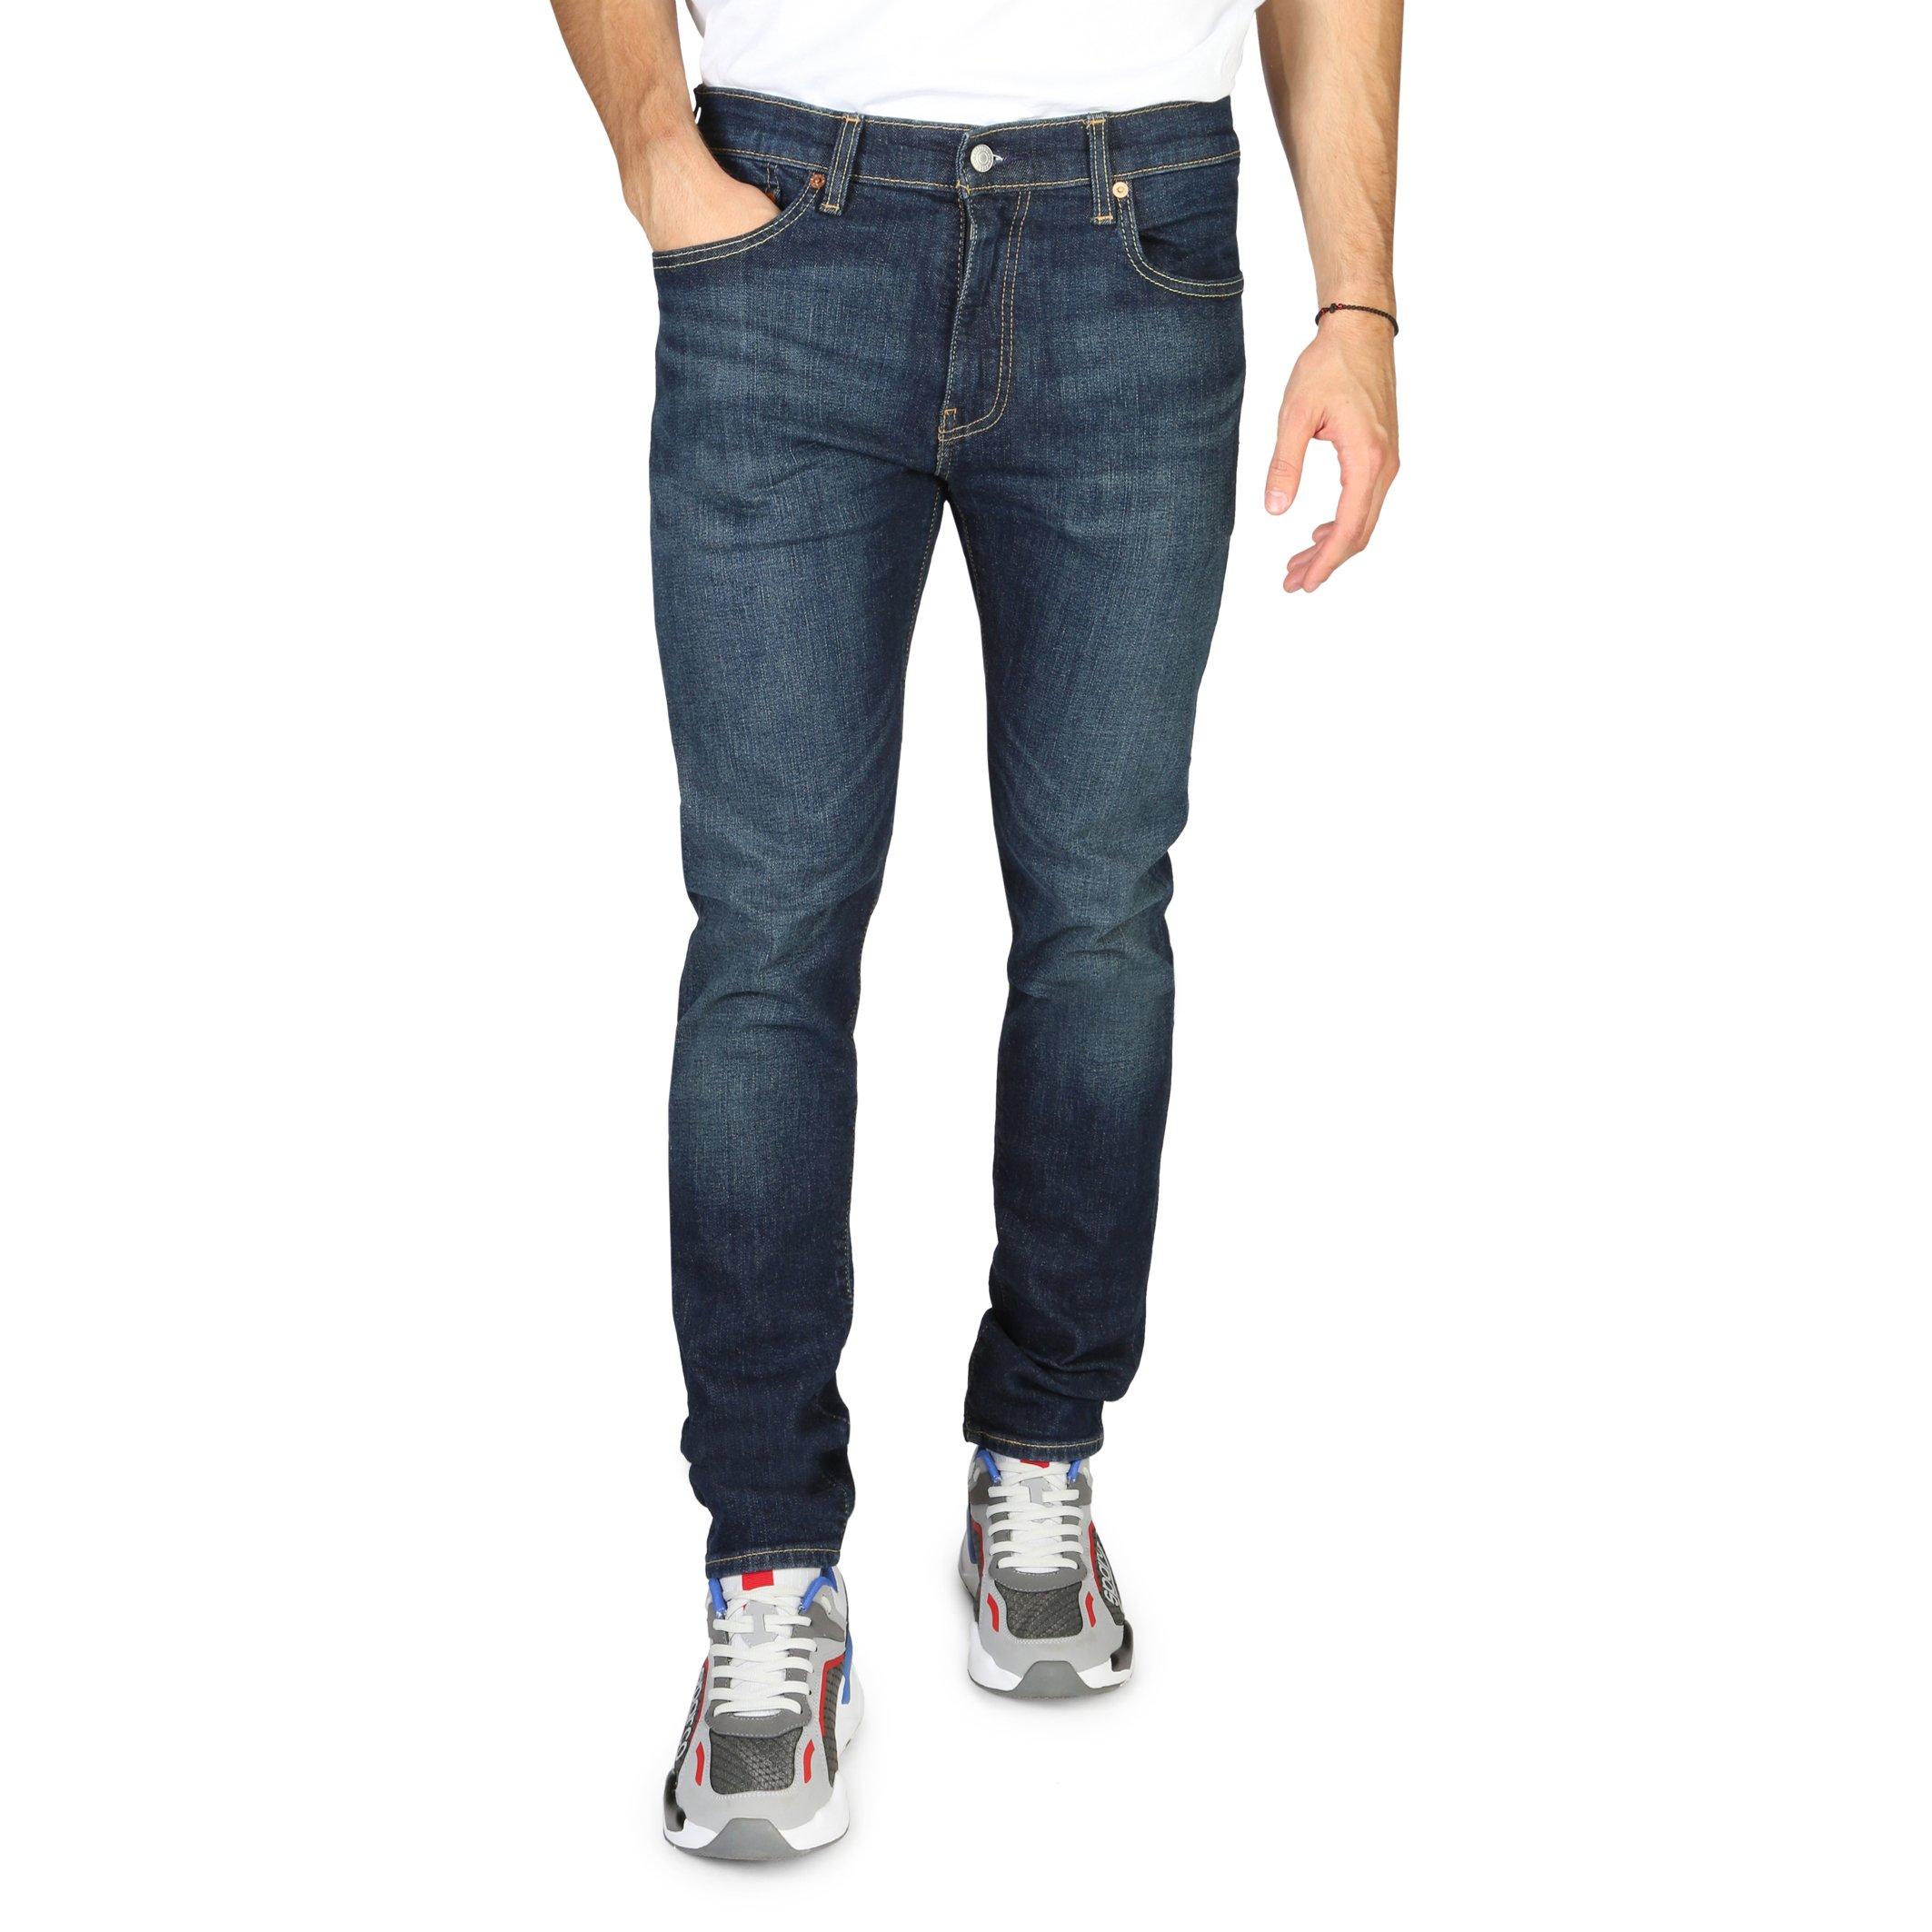 Levis Men's Jeans Blue 512- SLIM - blue-1 32